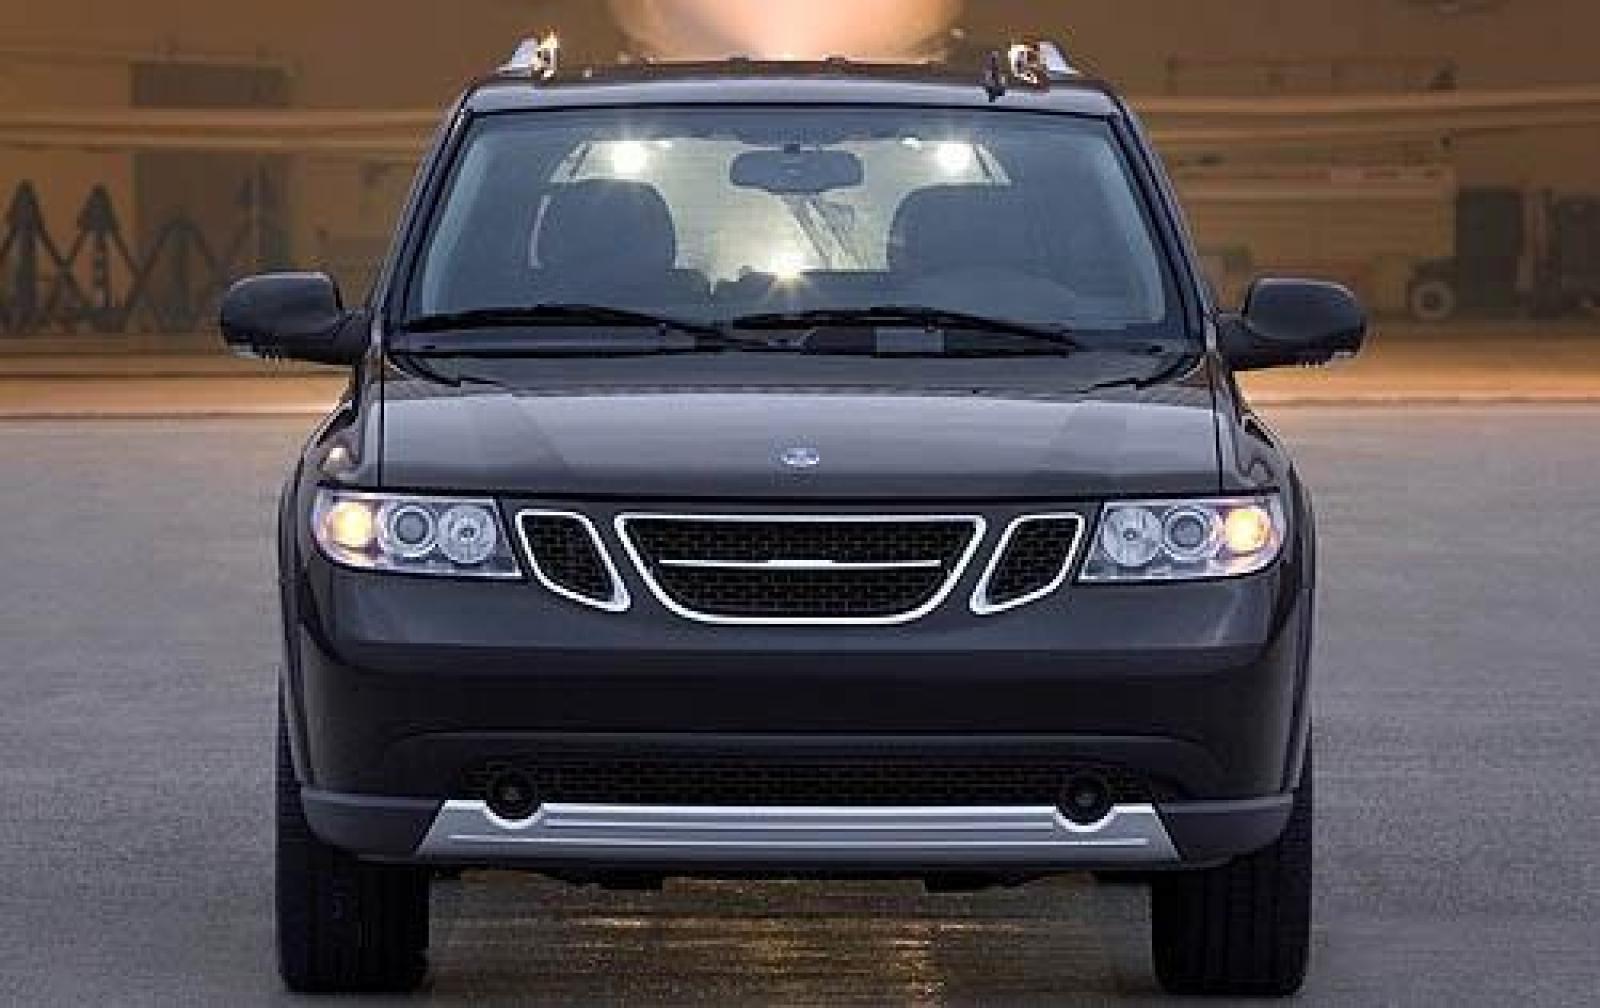 2009 saab 9 7x - 2009 Saab 9 7x Information And Photos Zombiedrive